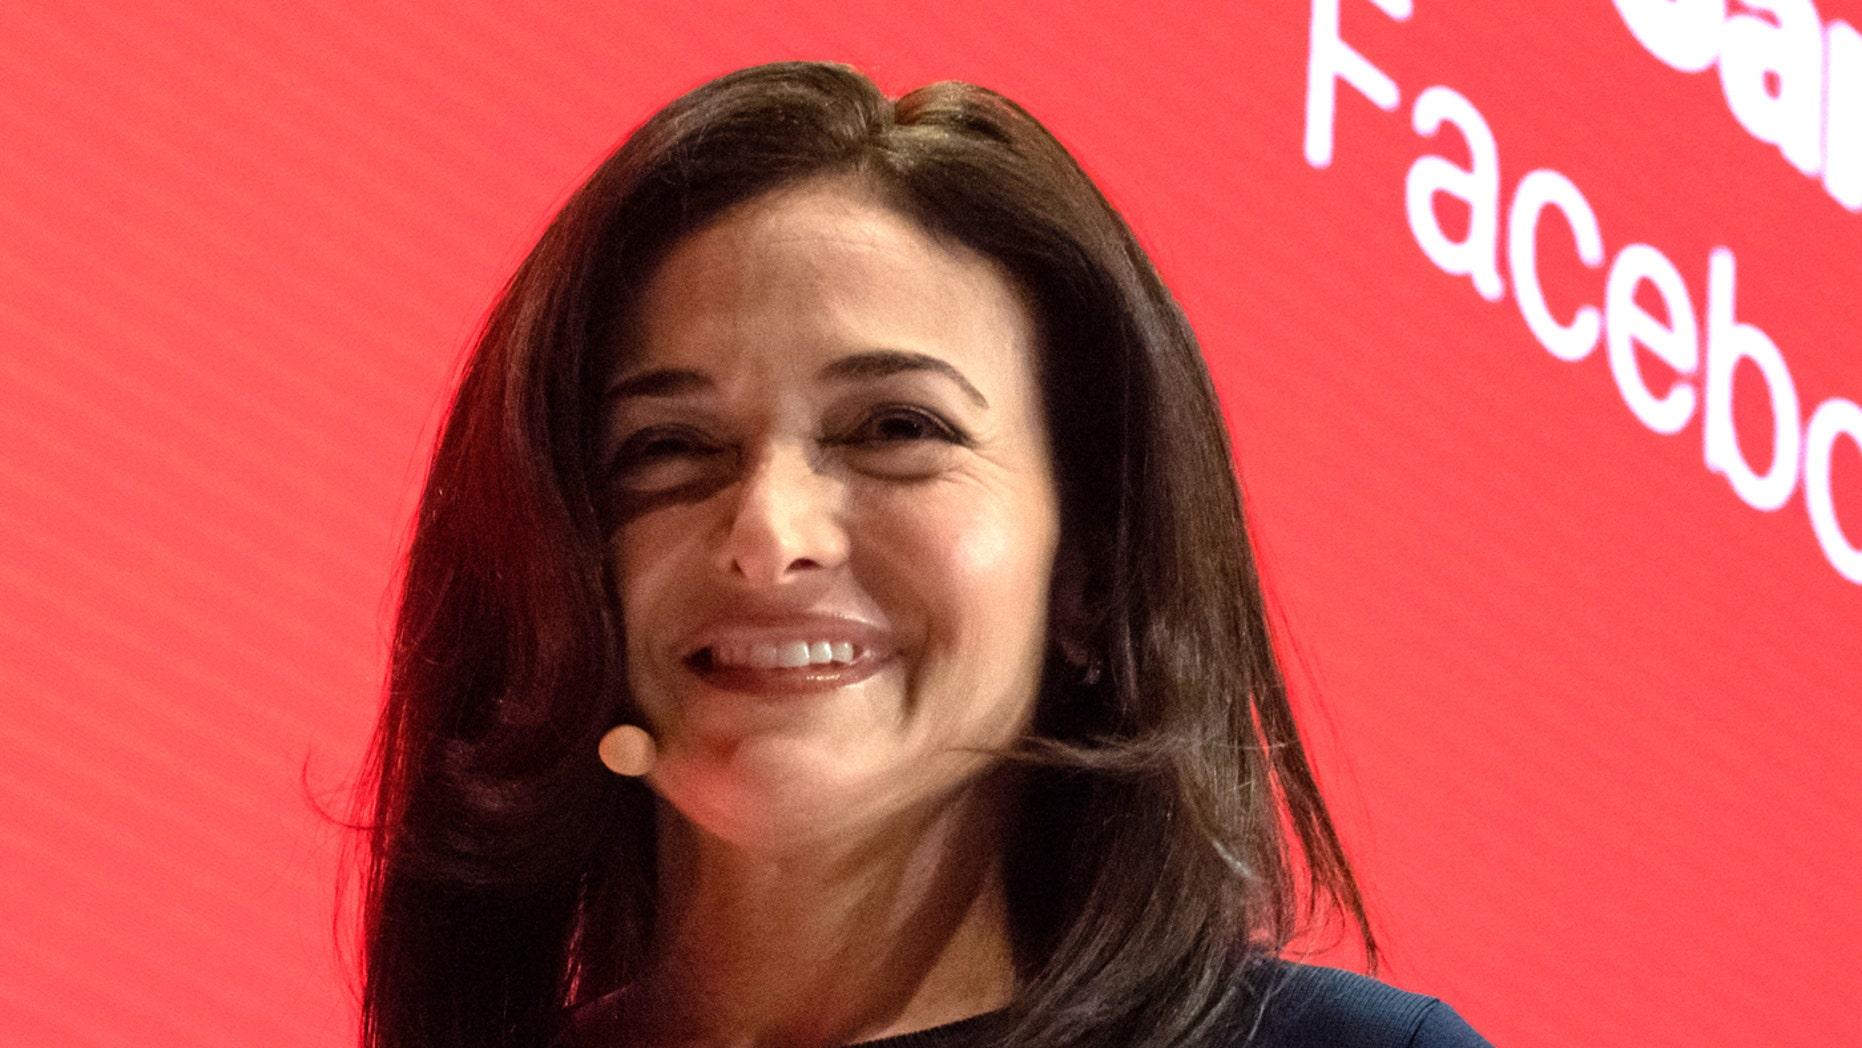 Sheryl Sandberg, Managing Director of Facebook, speaks onstage at the Digital Life Design (DLD) innovation conference.